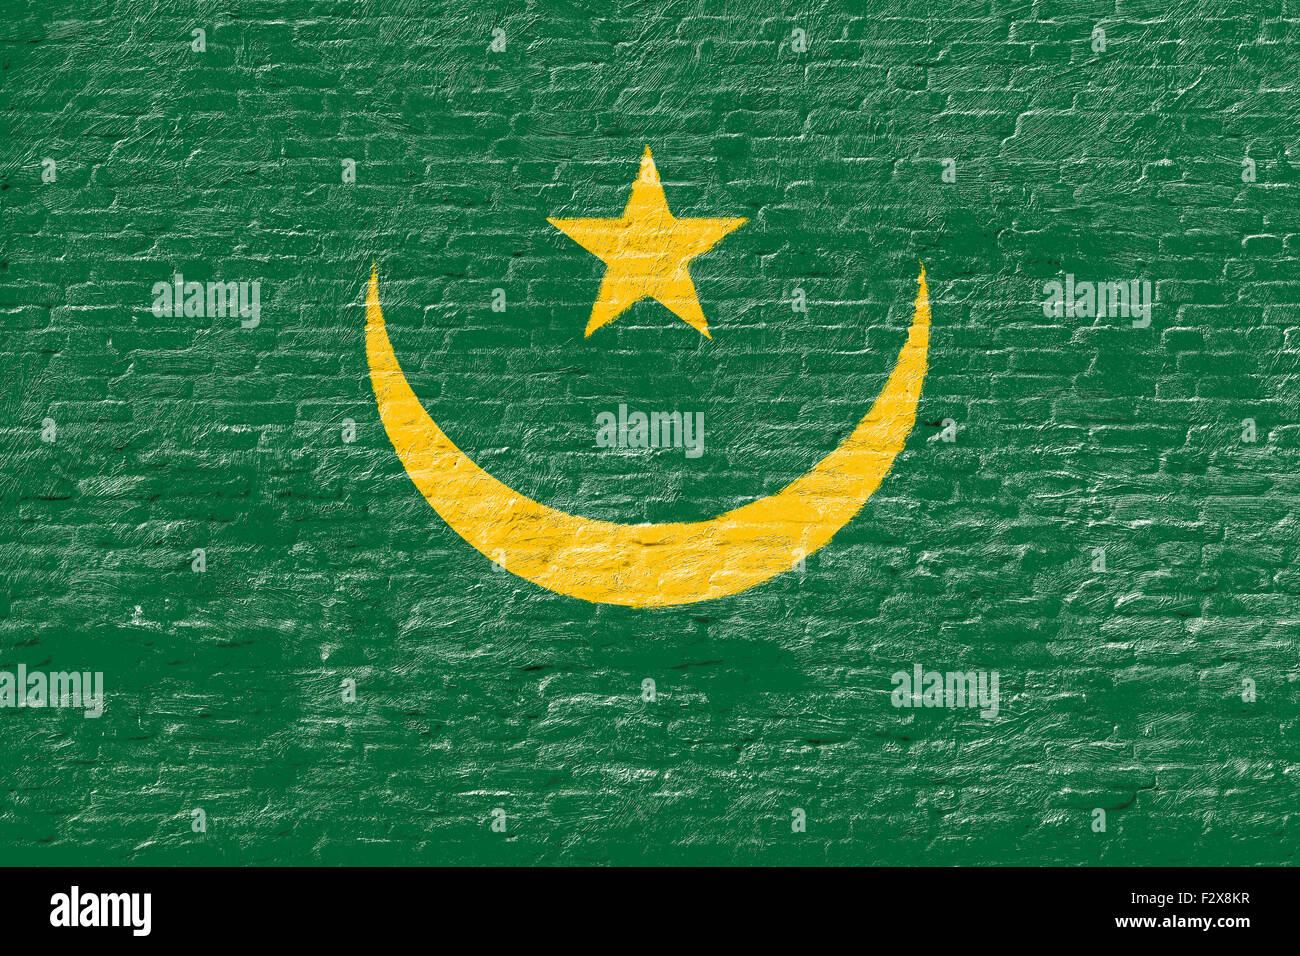 Mauritania - National flag on Brick wall - Stock Image